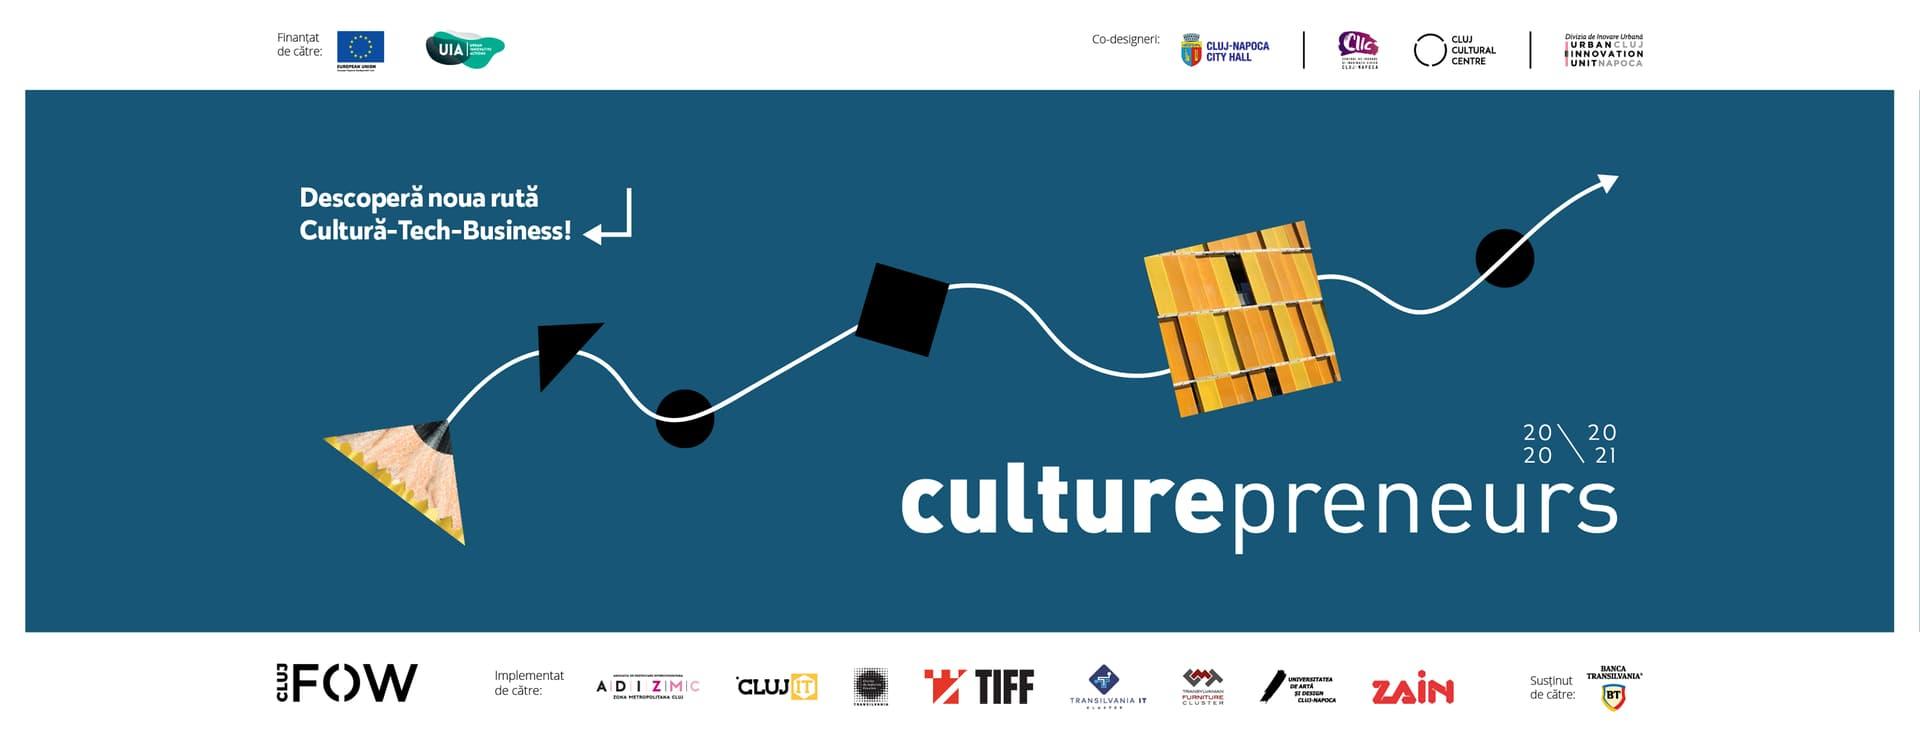 A treia ediție a programului Culturepreneurs caută 80 de idei de afaceri din sectorul cultural și creativ